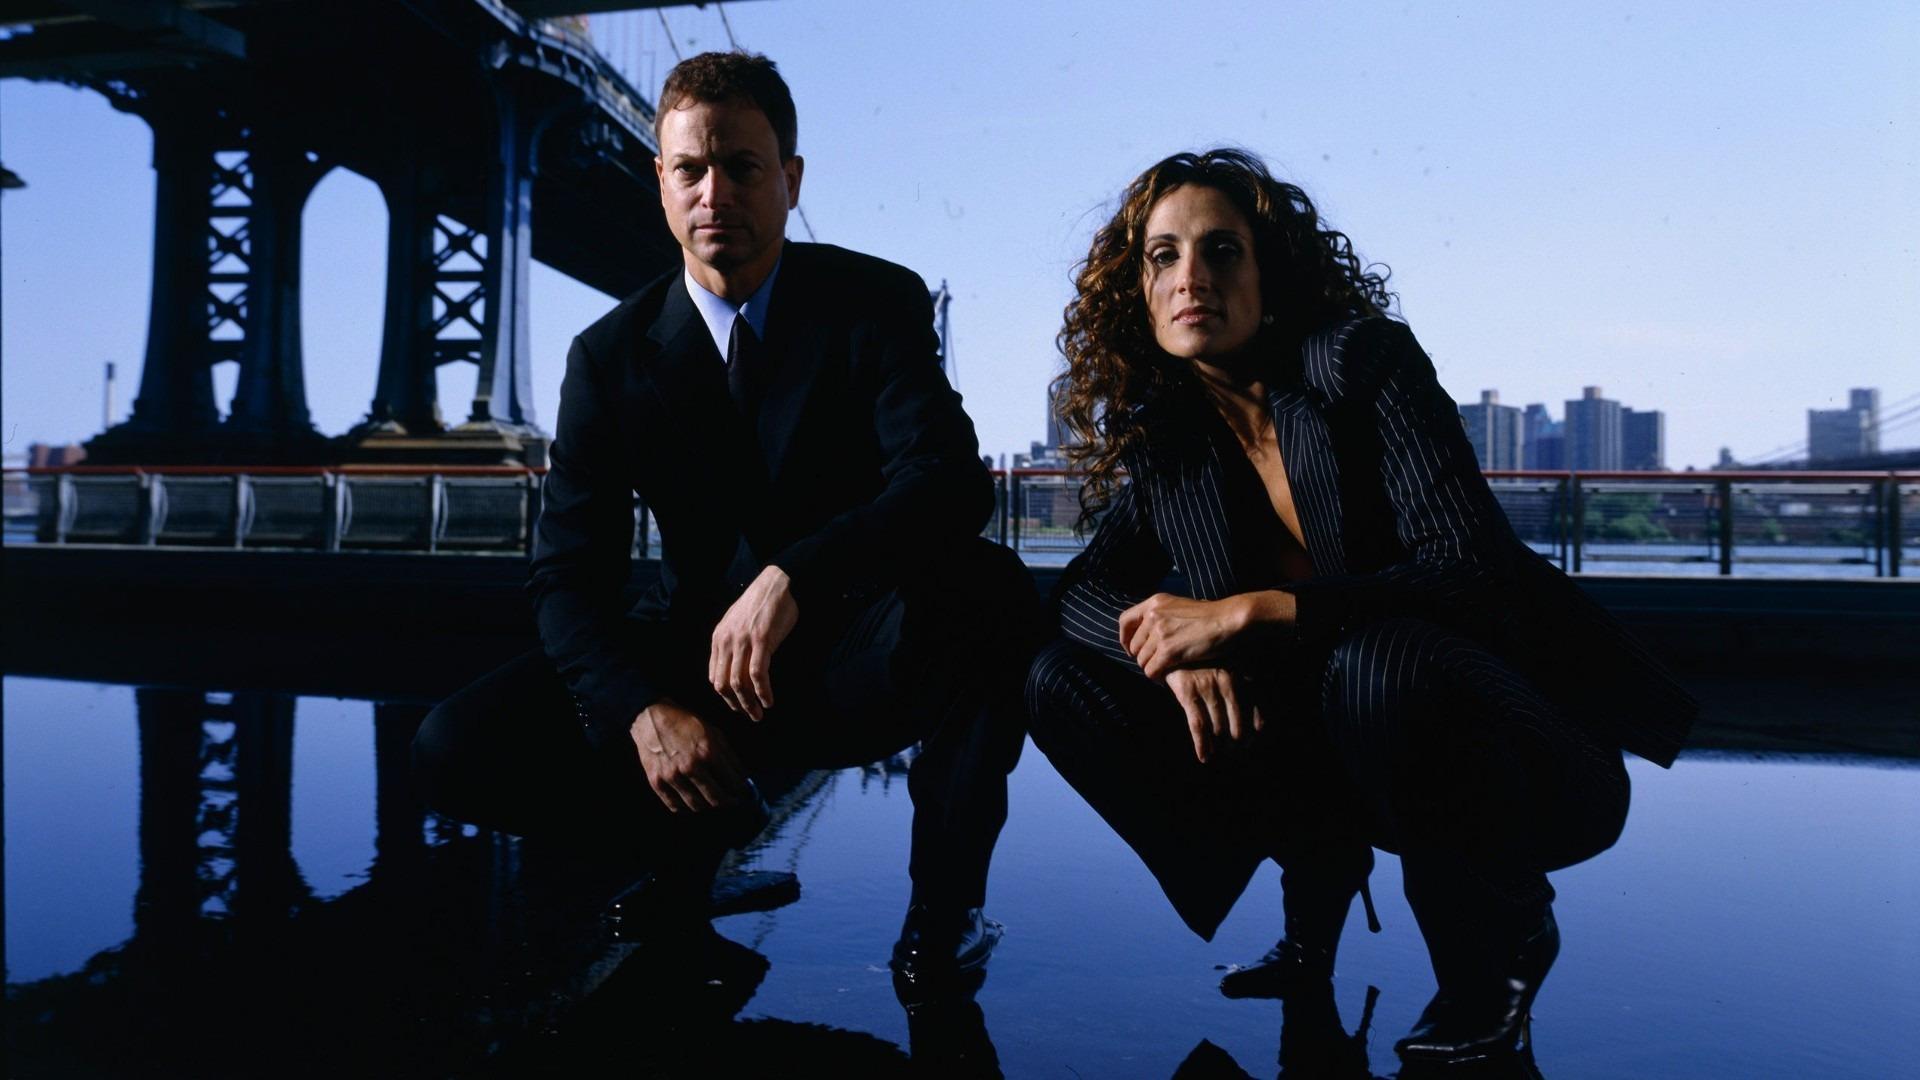 Show CSI: NY